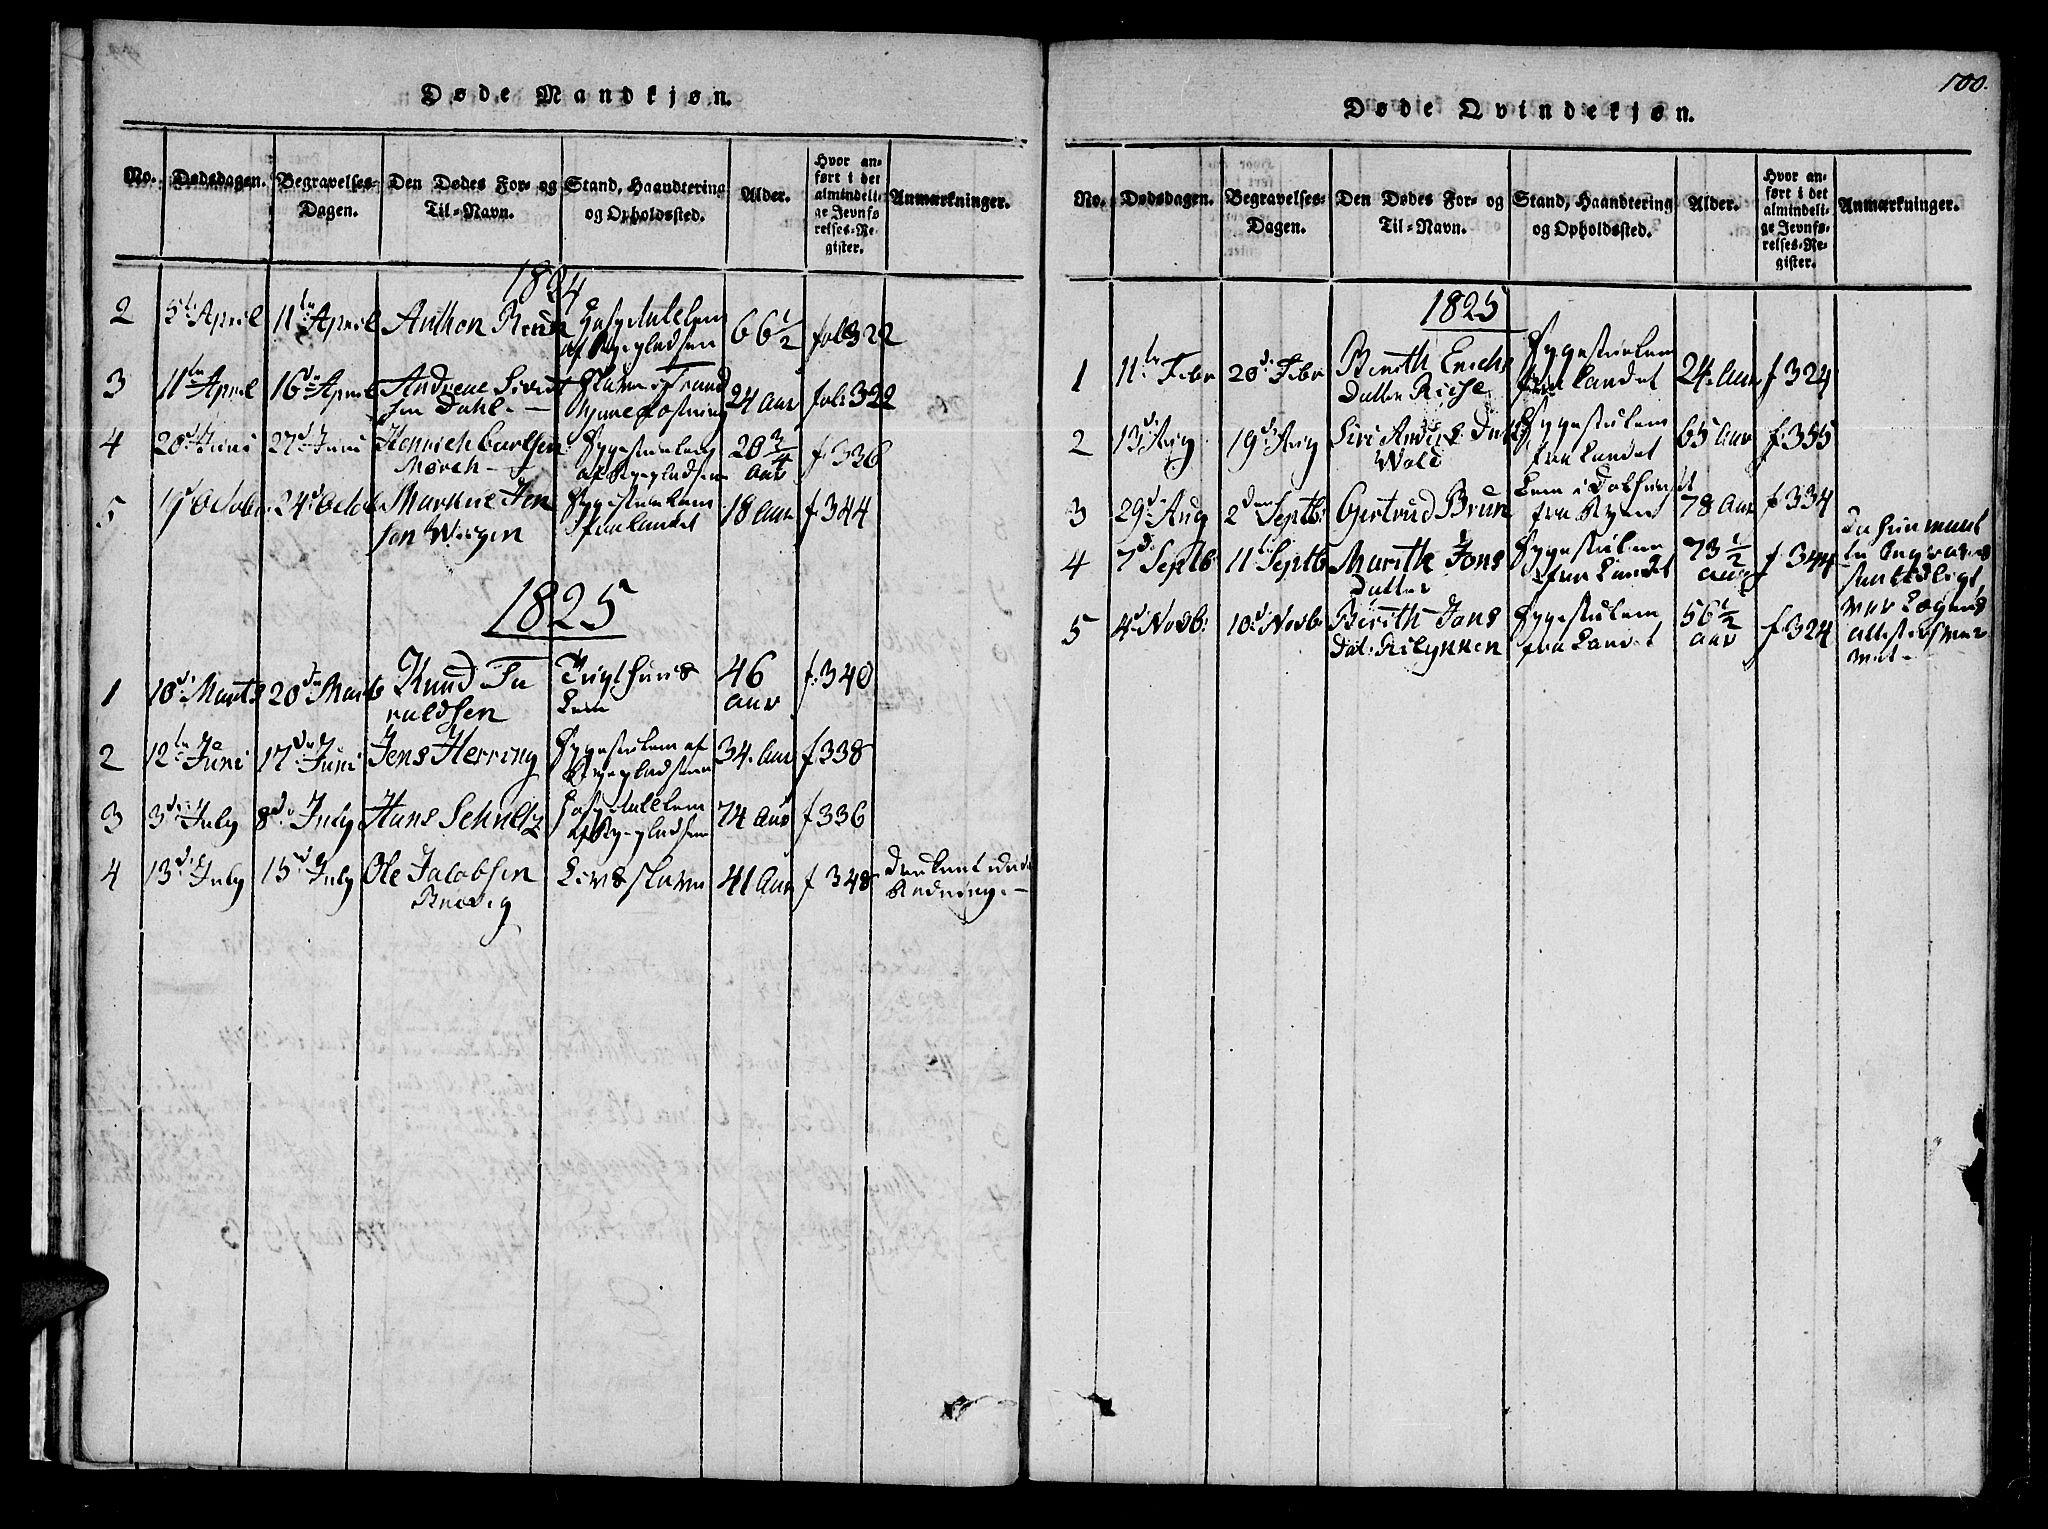 SAT, Ministerialprotokoller, klokkerbøker og fødselsregistre - Sør-Trøndelag, 623/L0467: Ministerialbok nr. 623A01, 1815-1825, s. 100